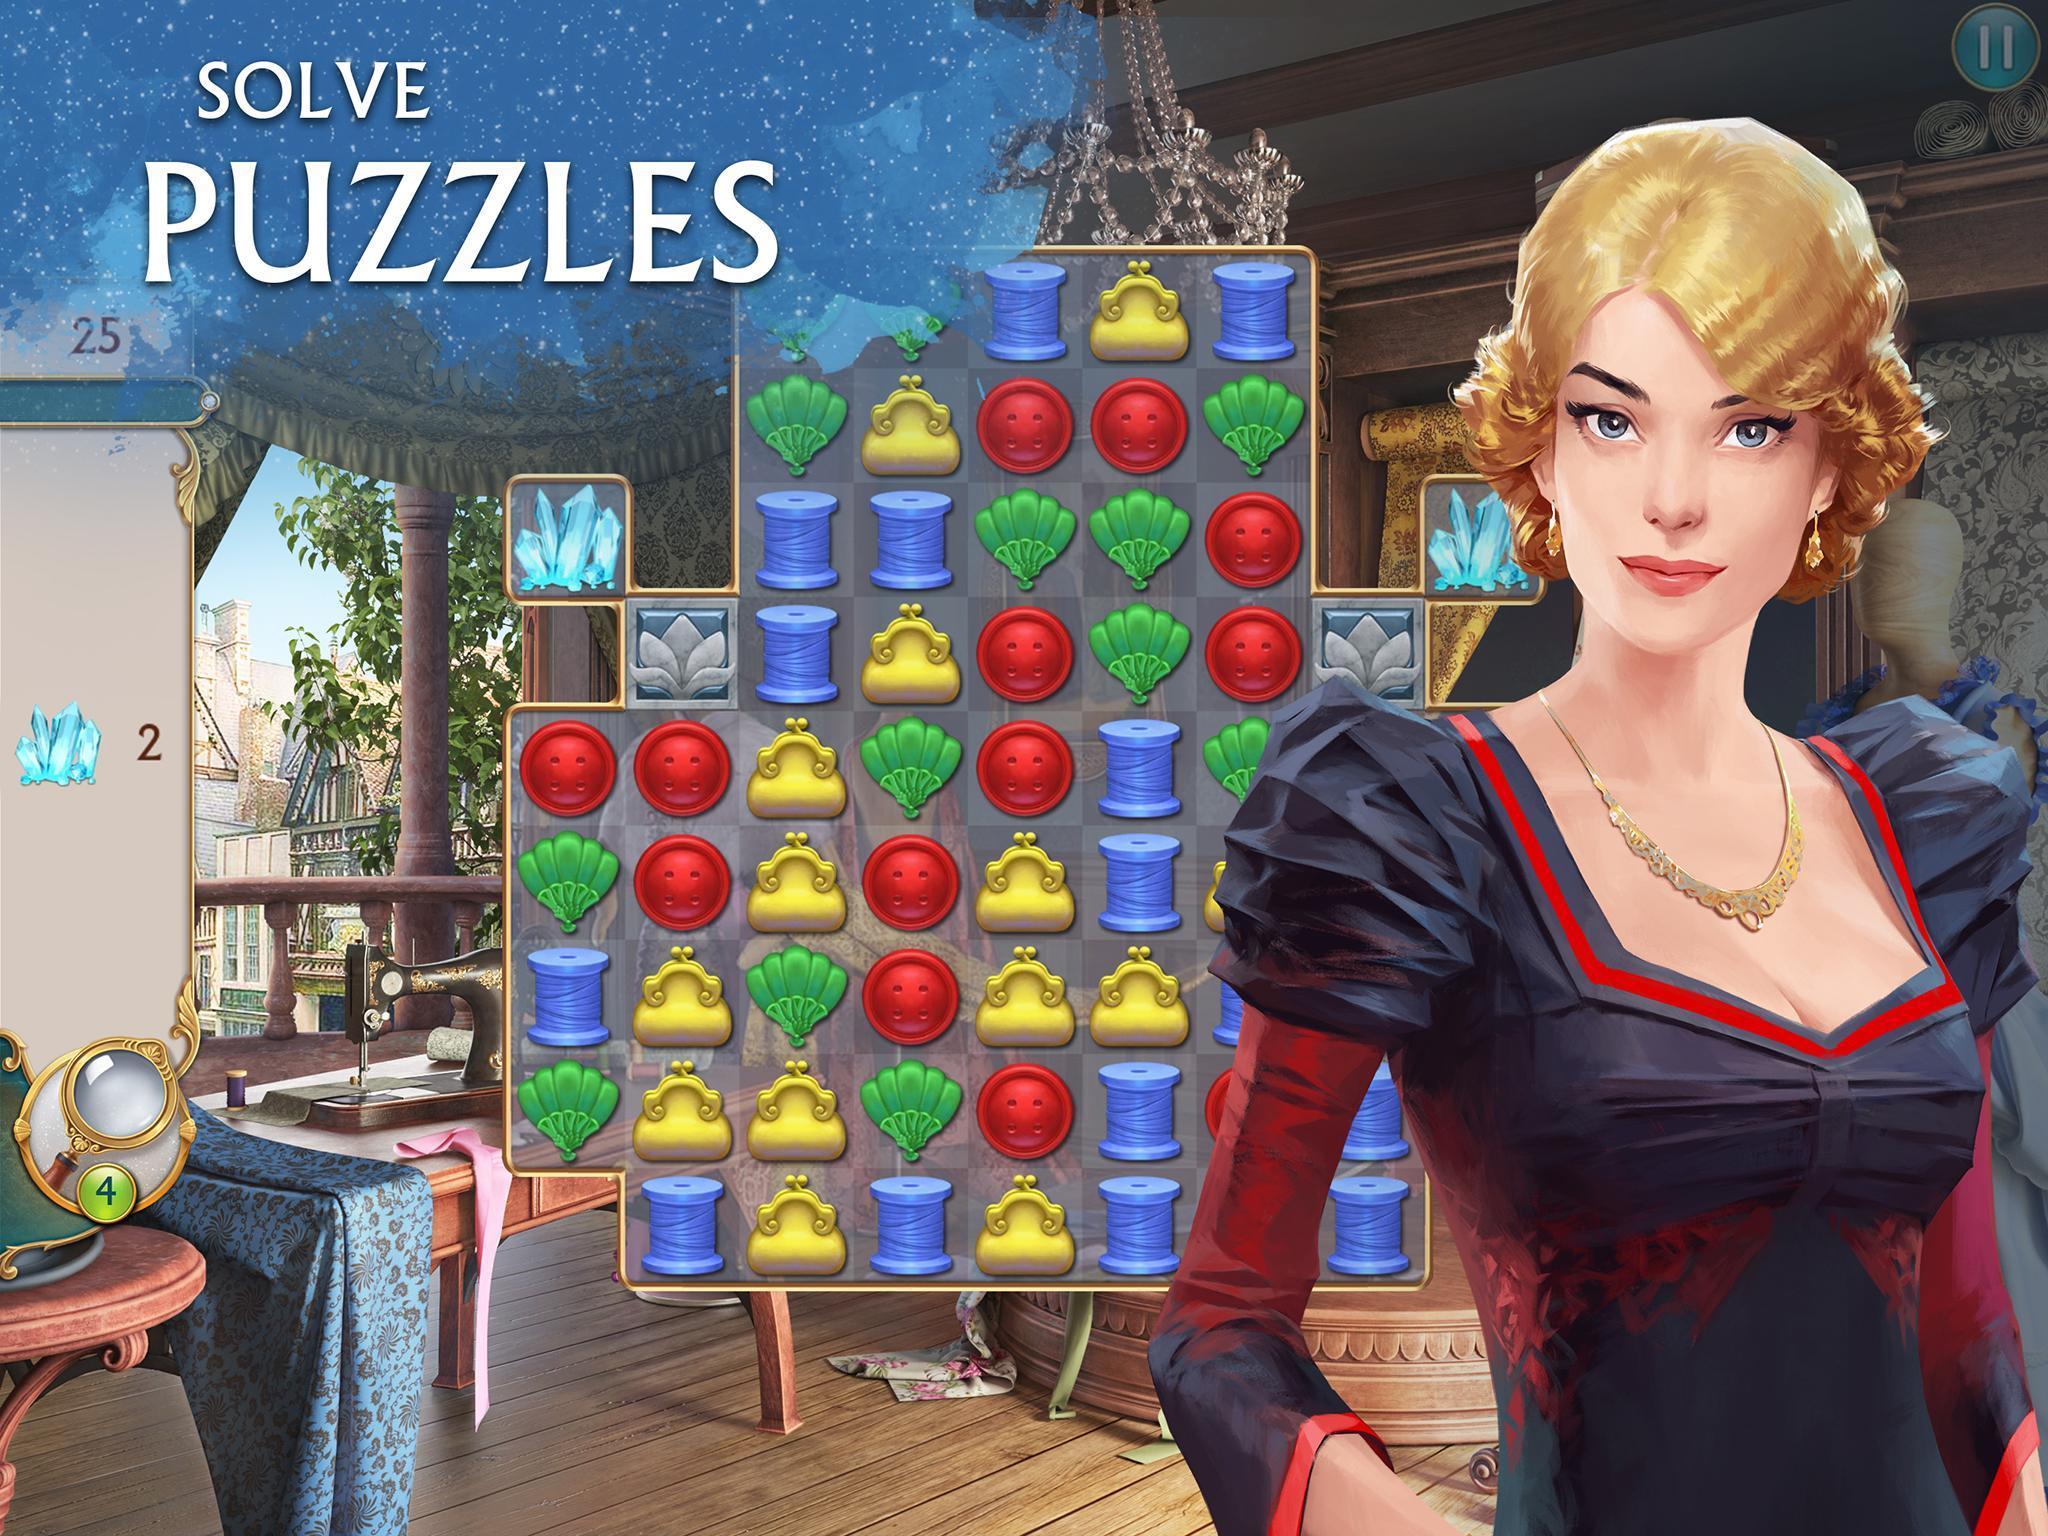 Ravenhill®: Hidden Mystery - Match-3 with a Story 2.21.1 Screenshot 13